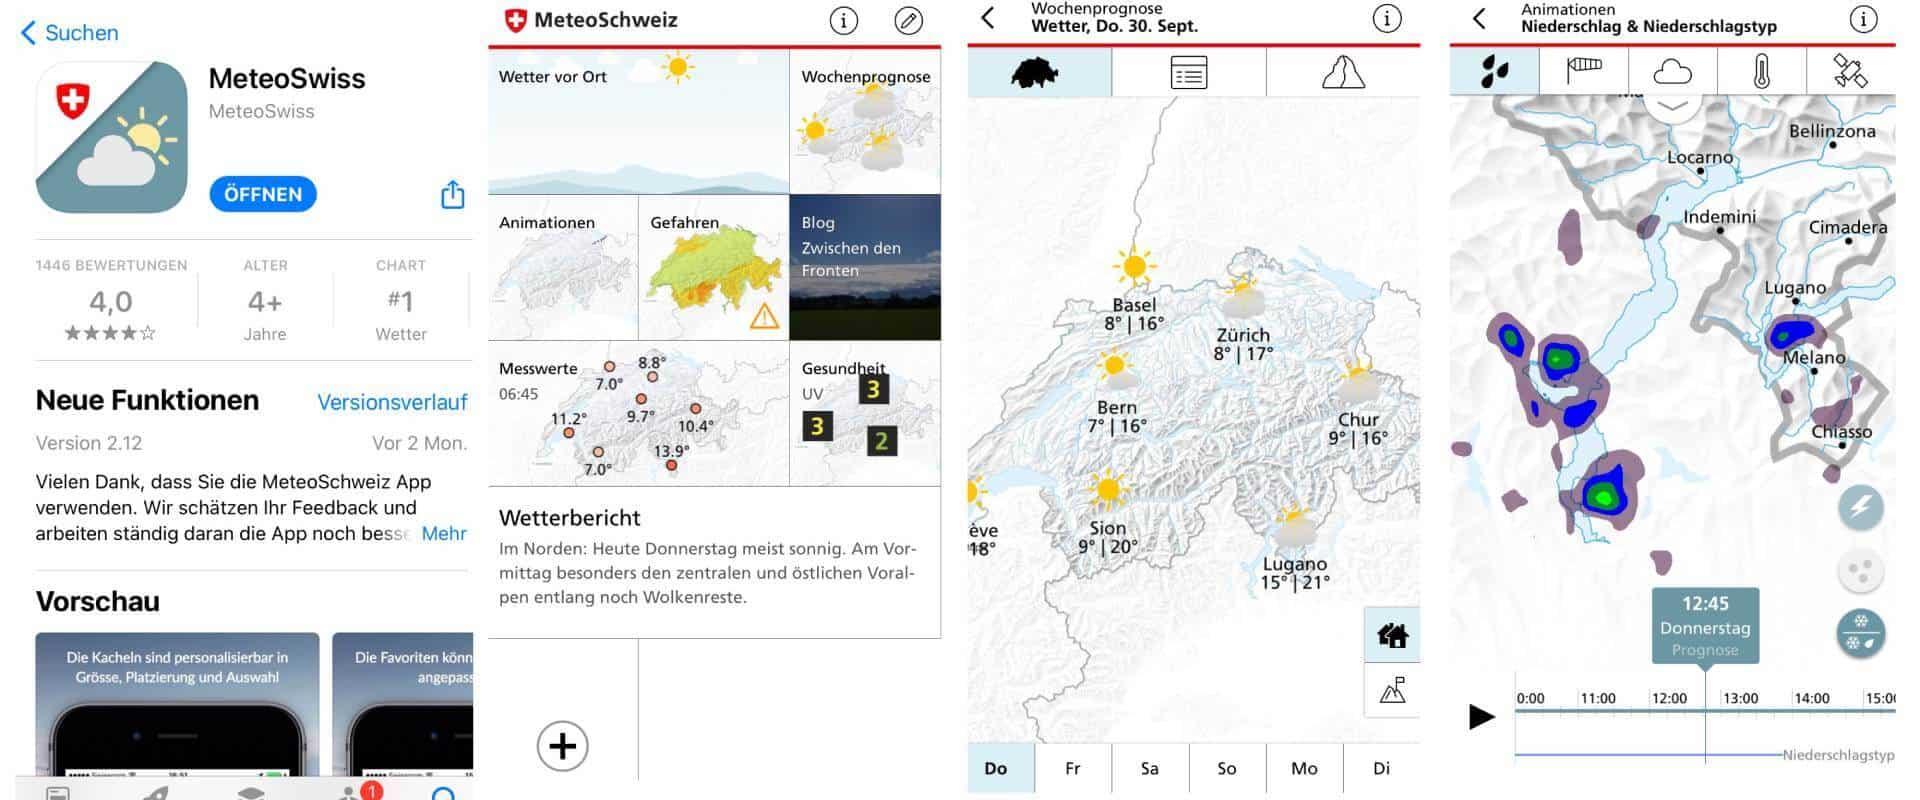 Wanderung vorbereiten - Schweizer Wetter prüfen